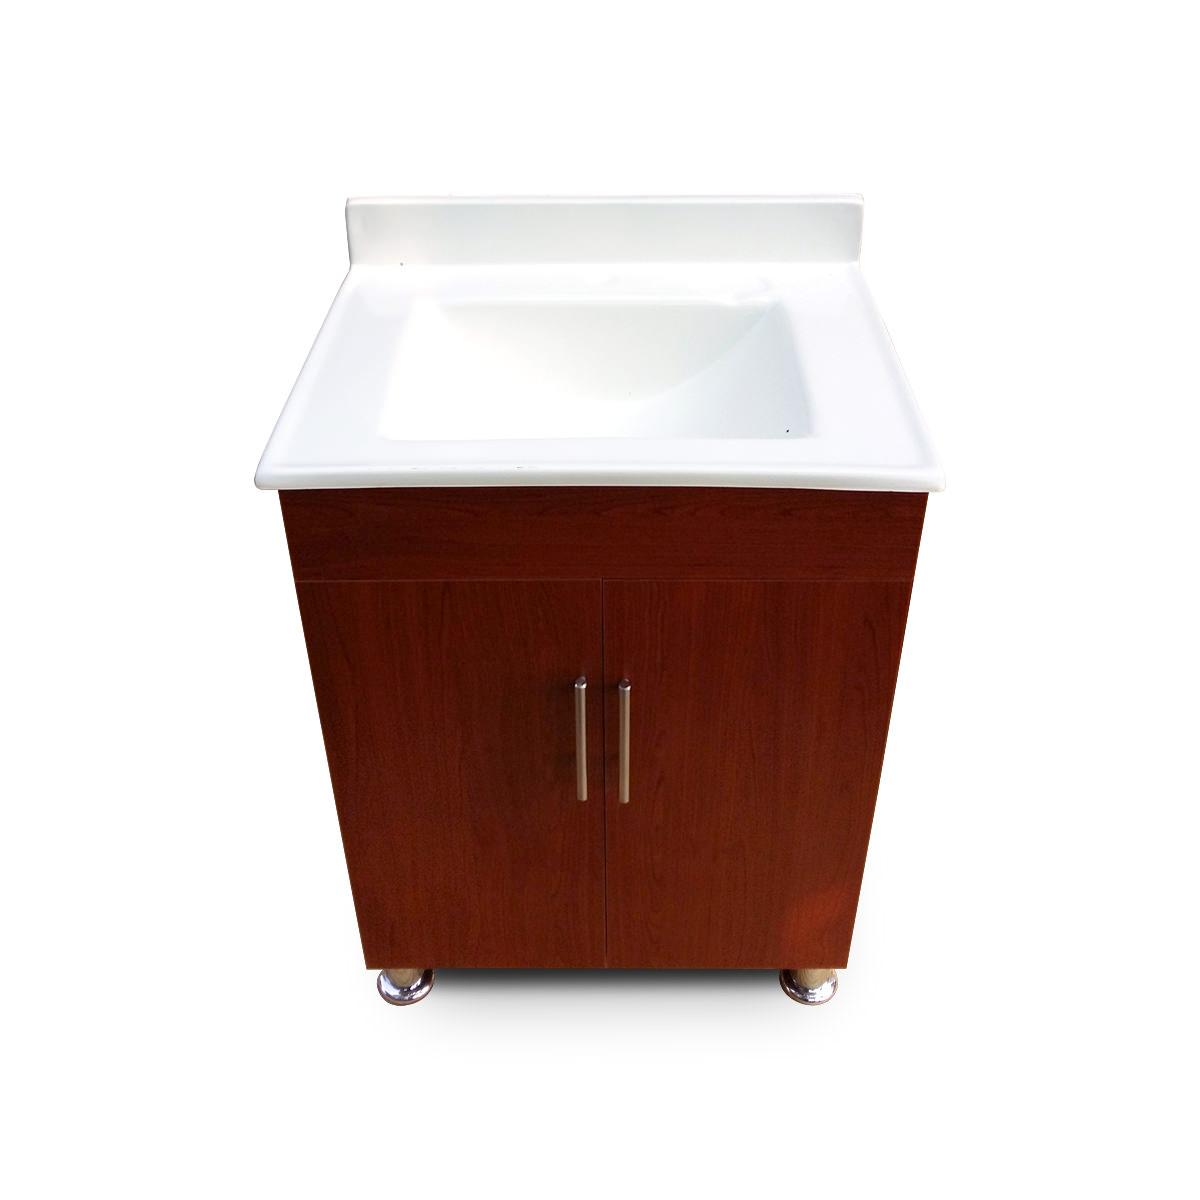 Mueble cerezo lavamanos cuadrado con pesta a - Muebles de lavamanos ...